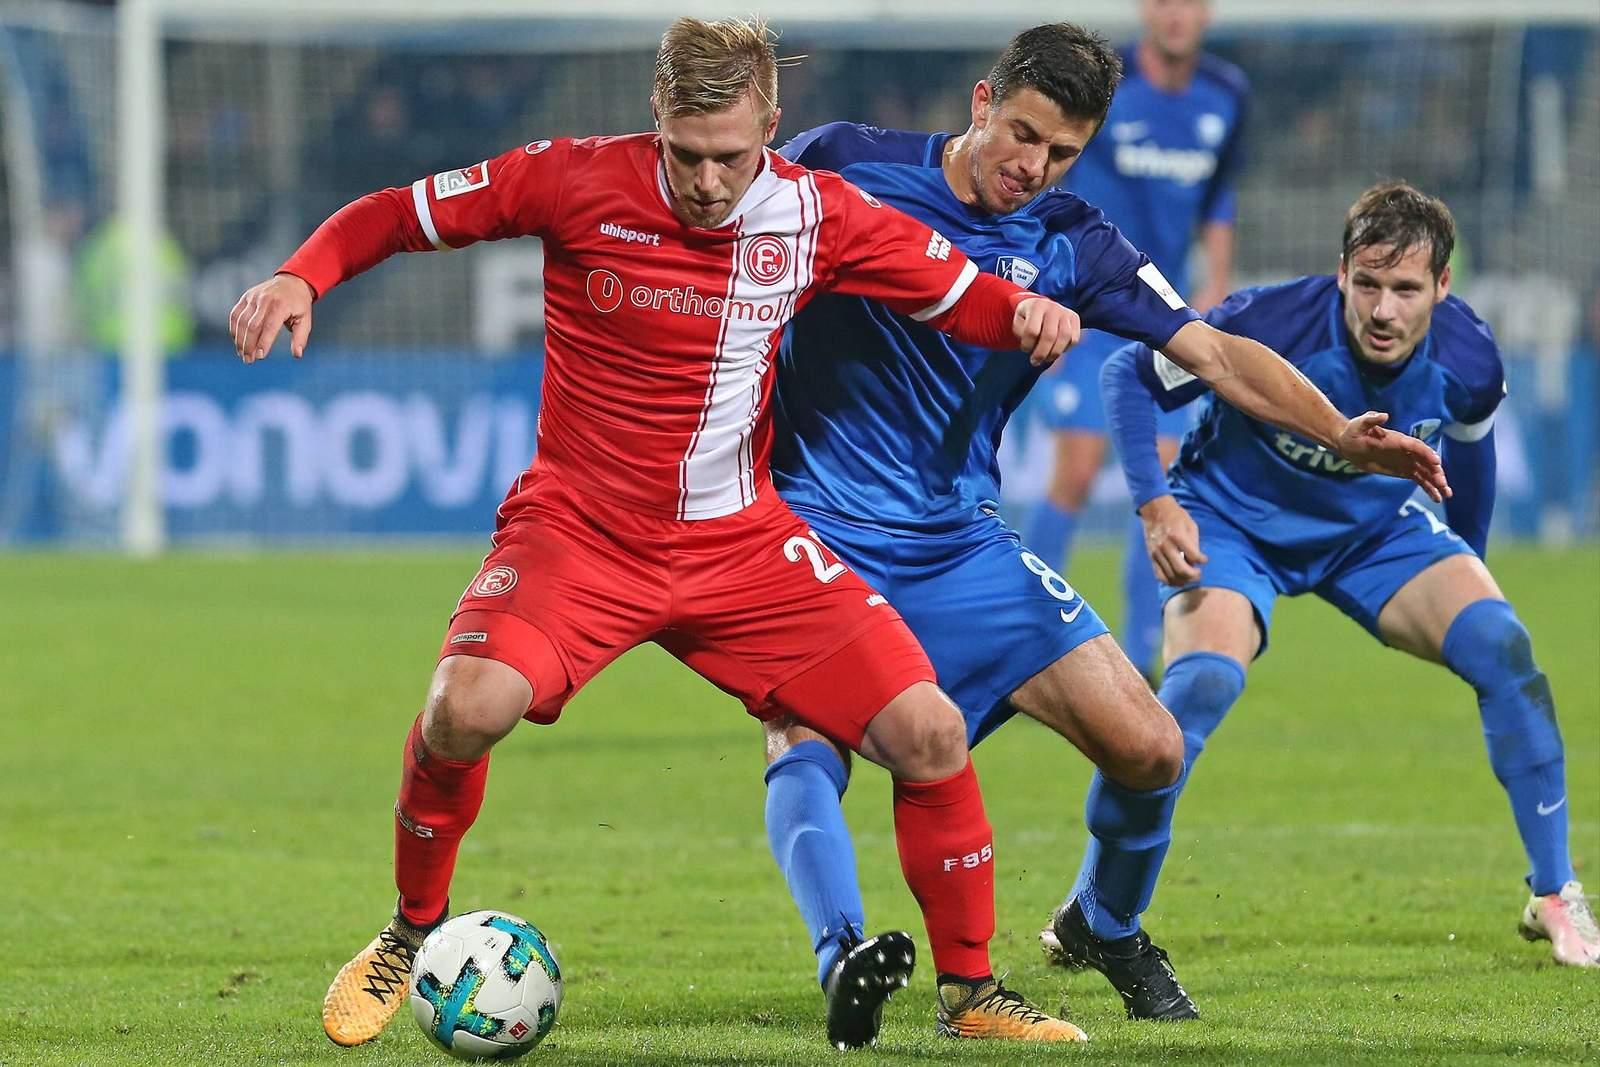 Rouwen Hennings im Zweikampf mit Bochums Anthony Losilla. Jetzt auf Düsseldorf gegen Bochum wetten.